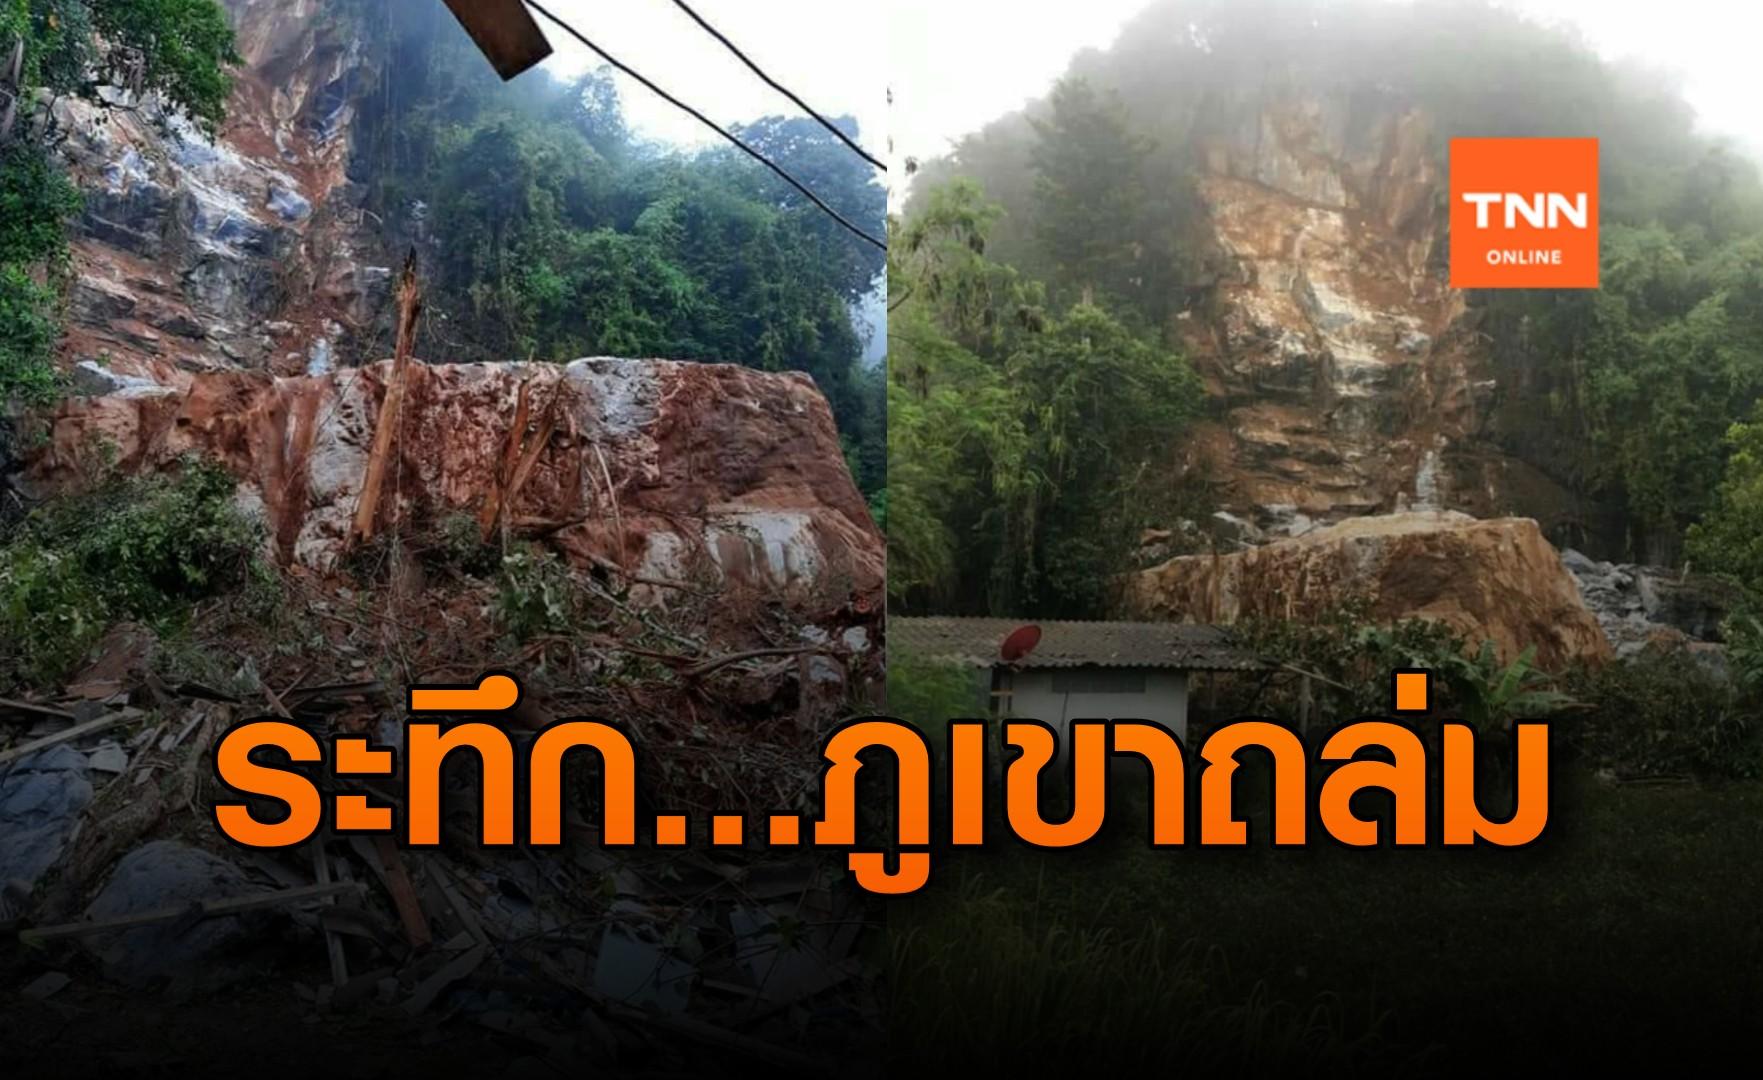 ระทึก! ฝนตกหนักภูเขาหินถล่มทับบ้านเรือนประชาชนพังยับ